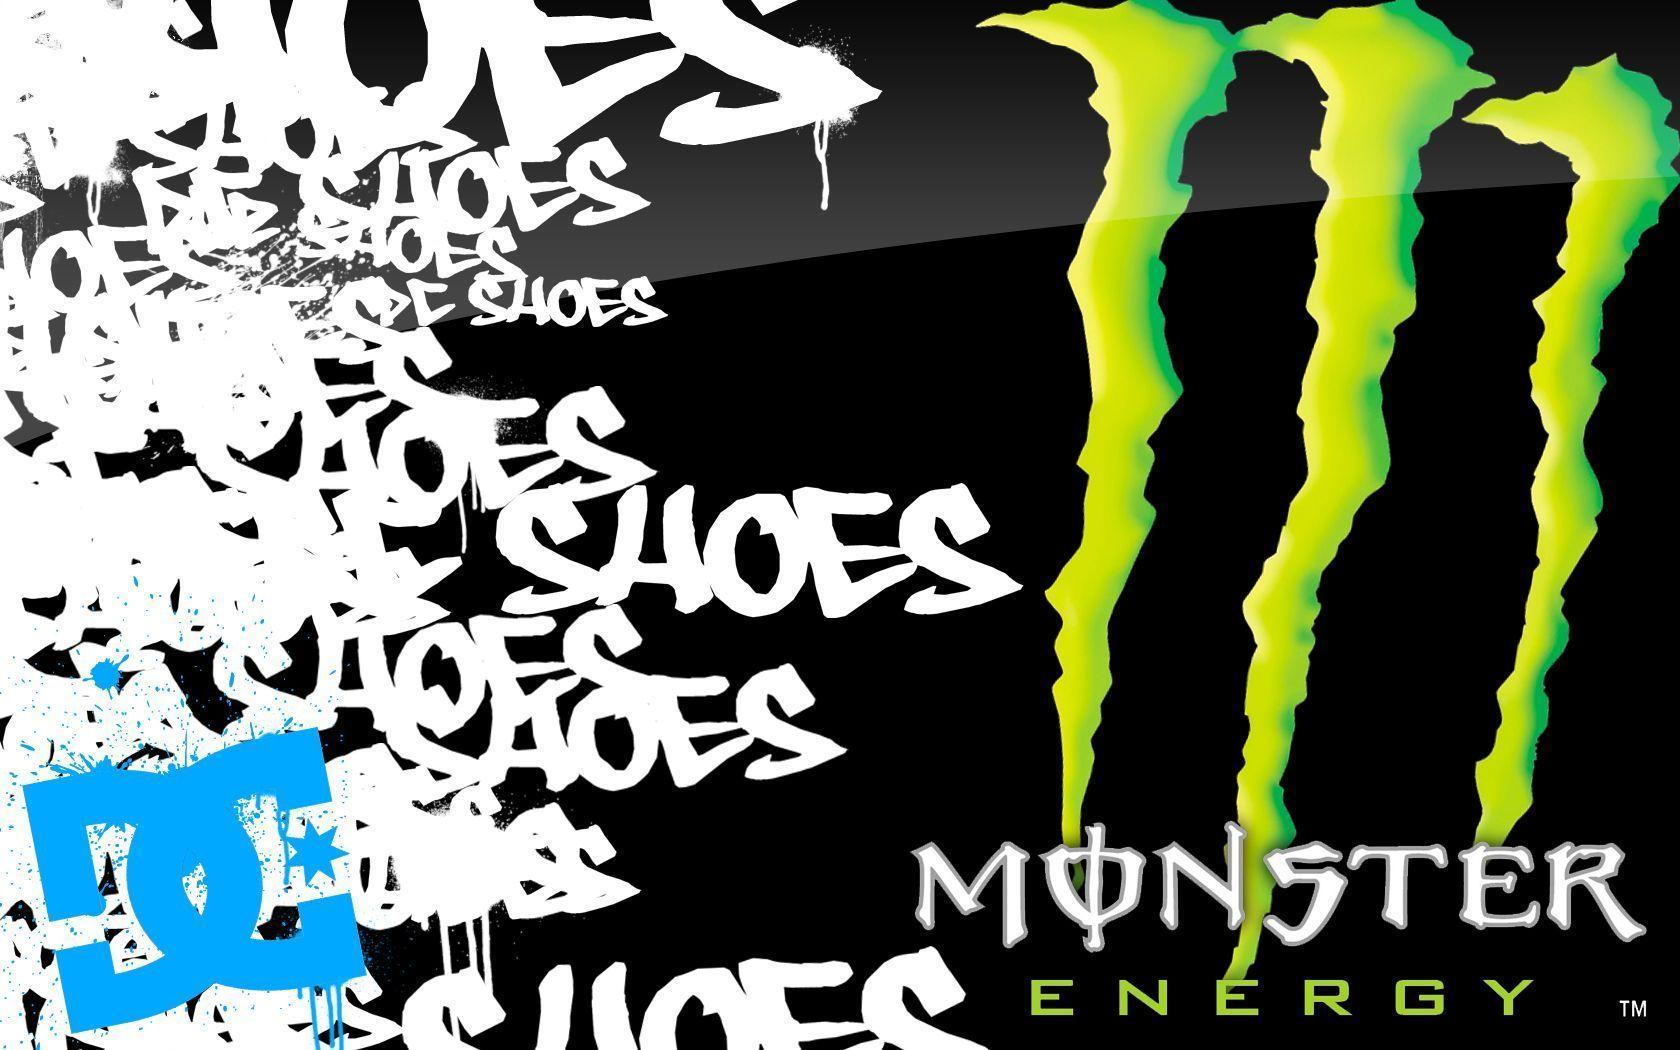 monster energy wallpaper hd | Wallsaved.com